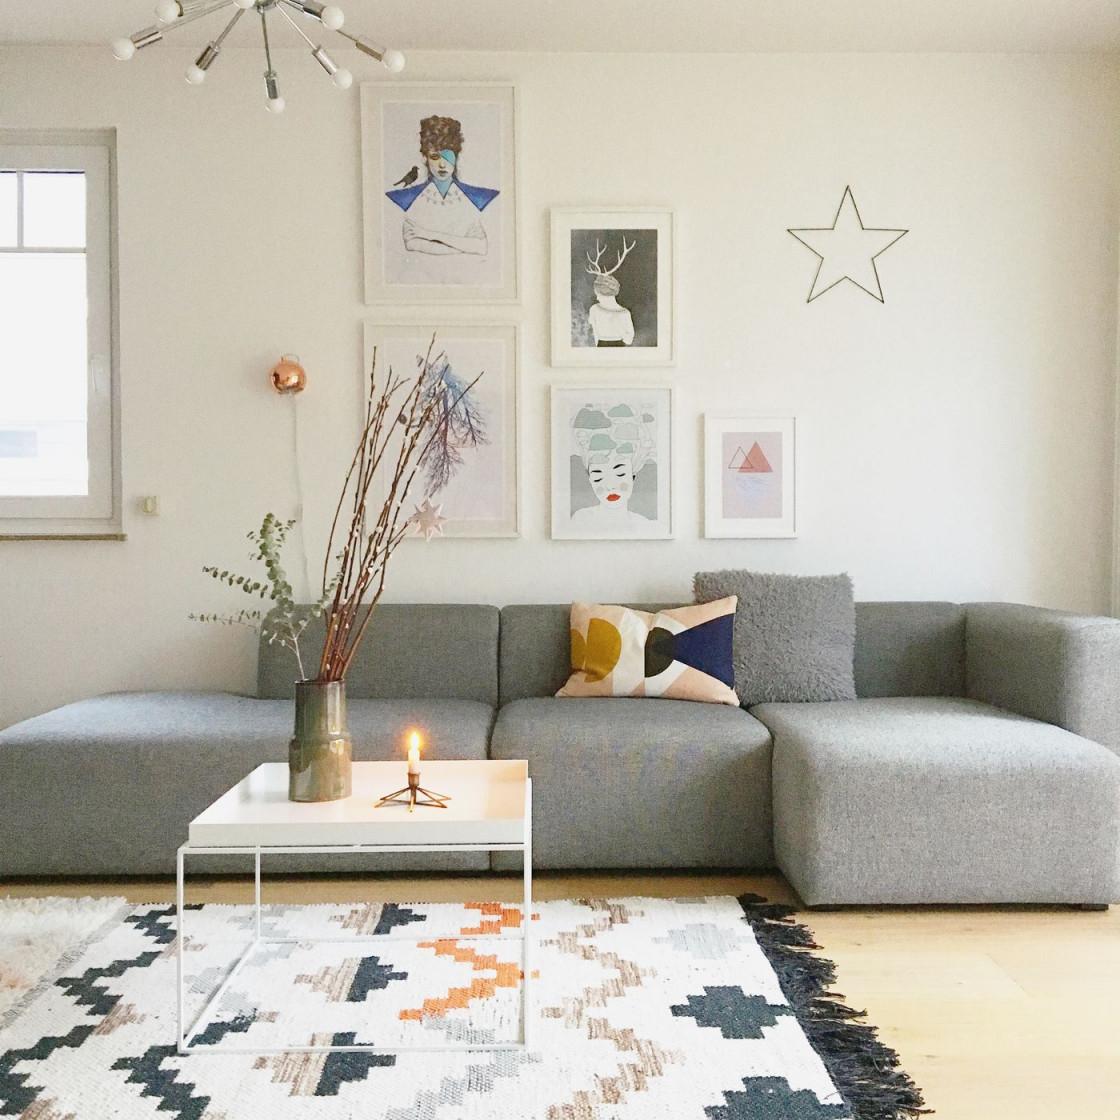 Die Besten Ideen Für Die Wandgestaltung Im Wohnzimmer von Wände Gestalten Wohnzimmer Photo